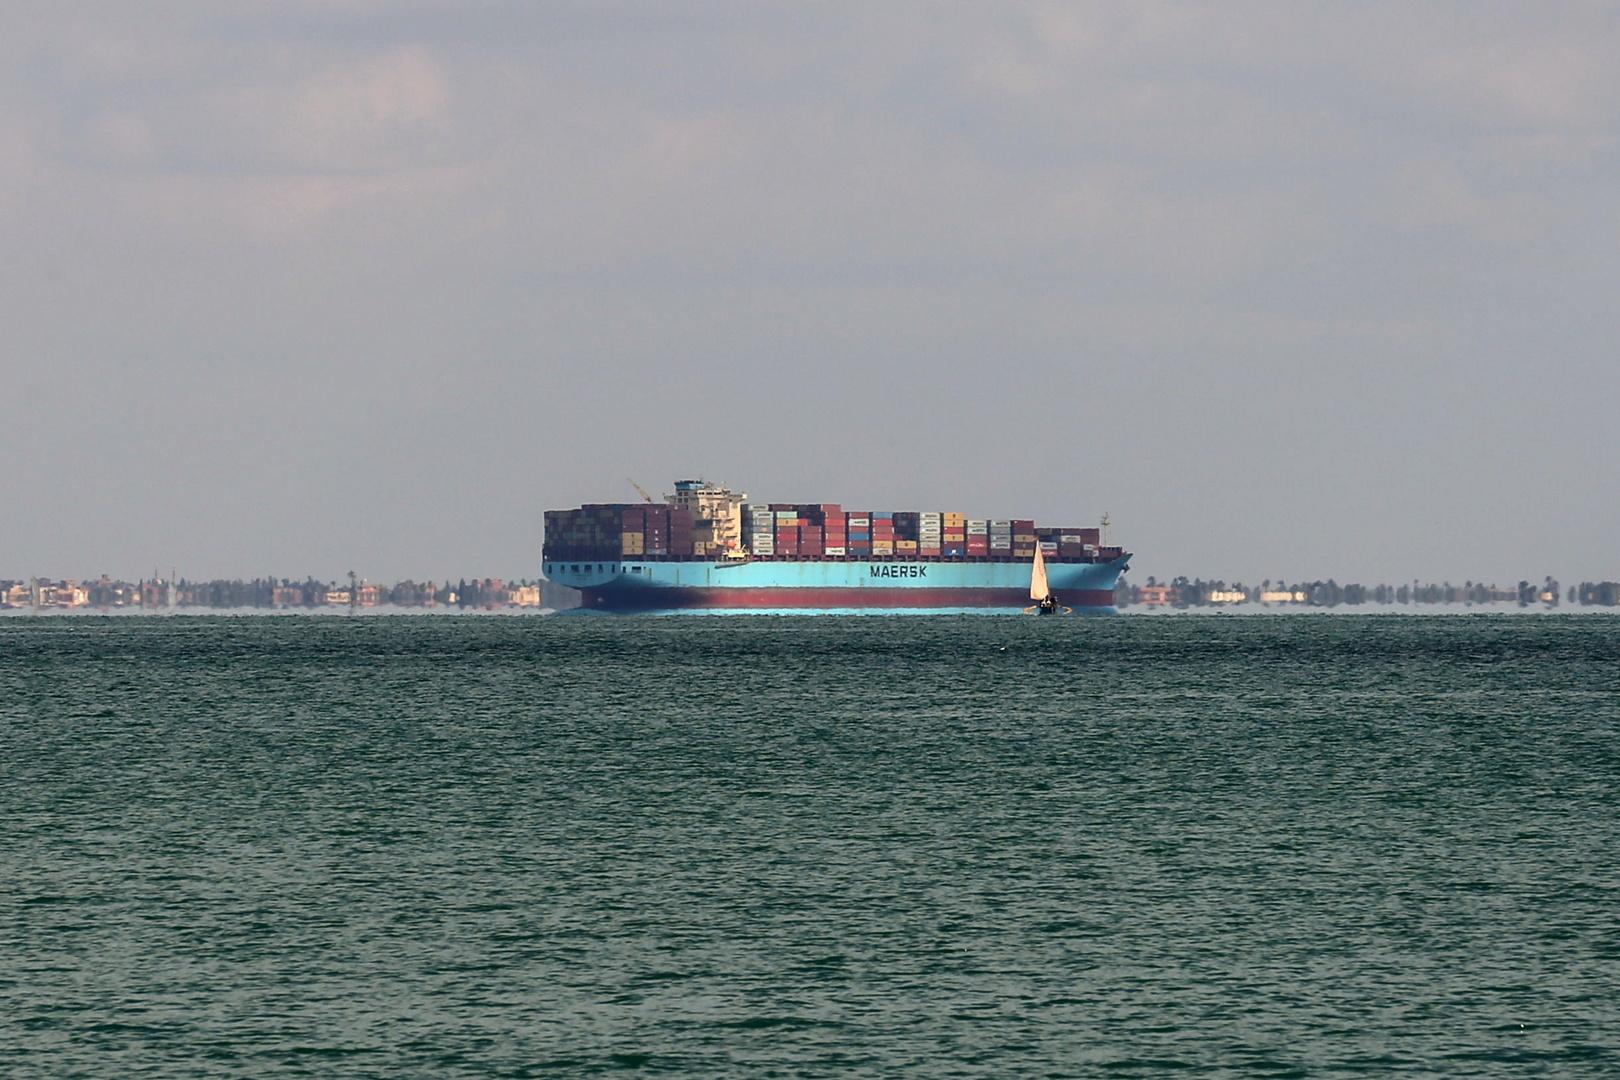 هيئة قناة السويس: استئناف حركة الملاحة في القناة بعد إعادة تعويم السفينة الجانحة